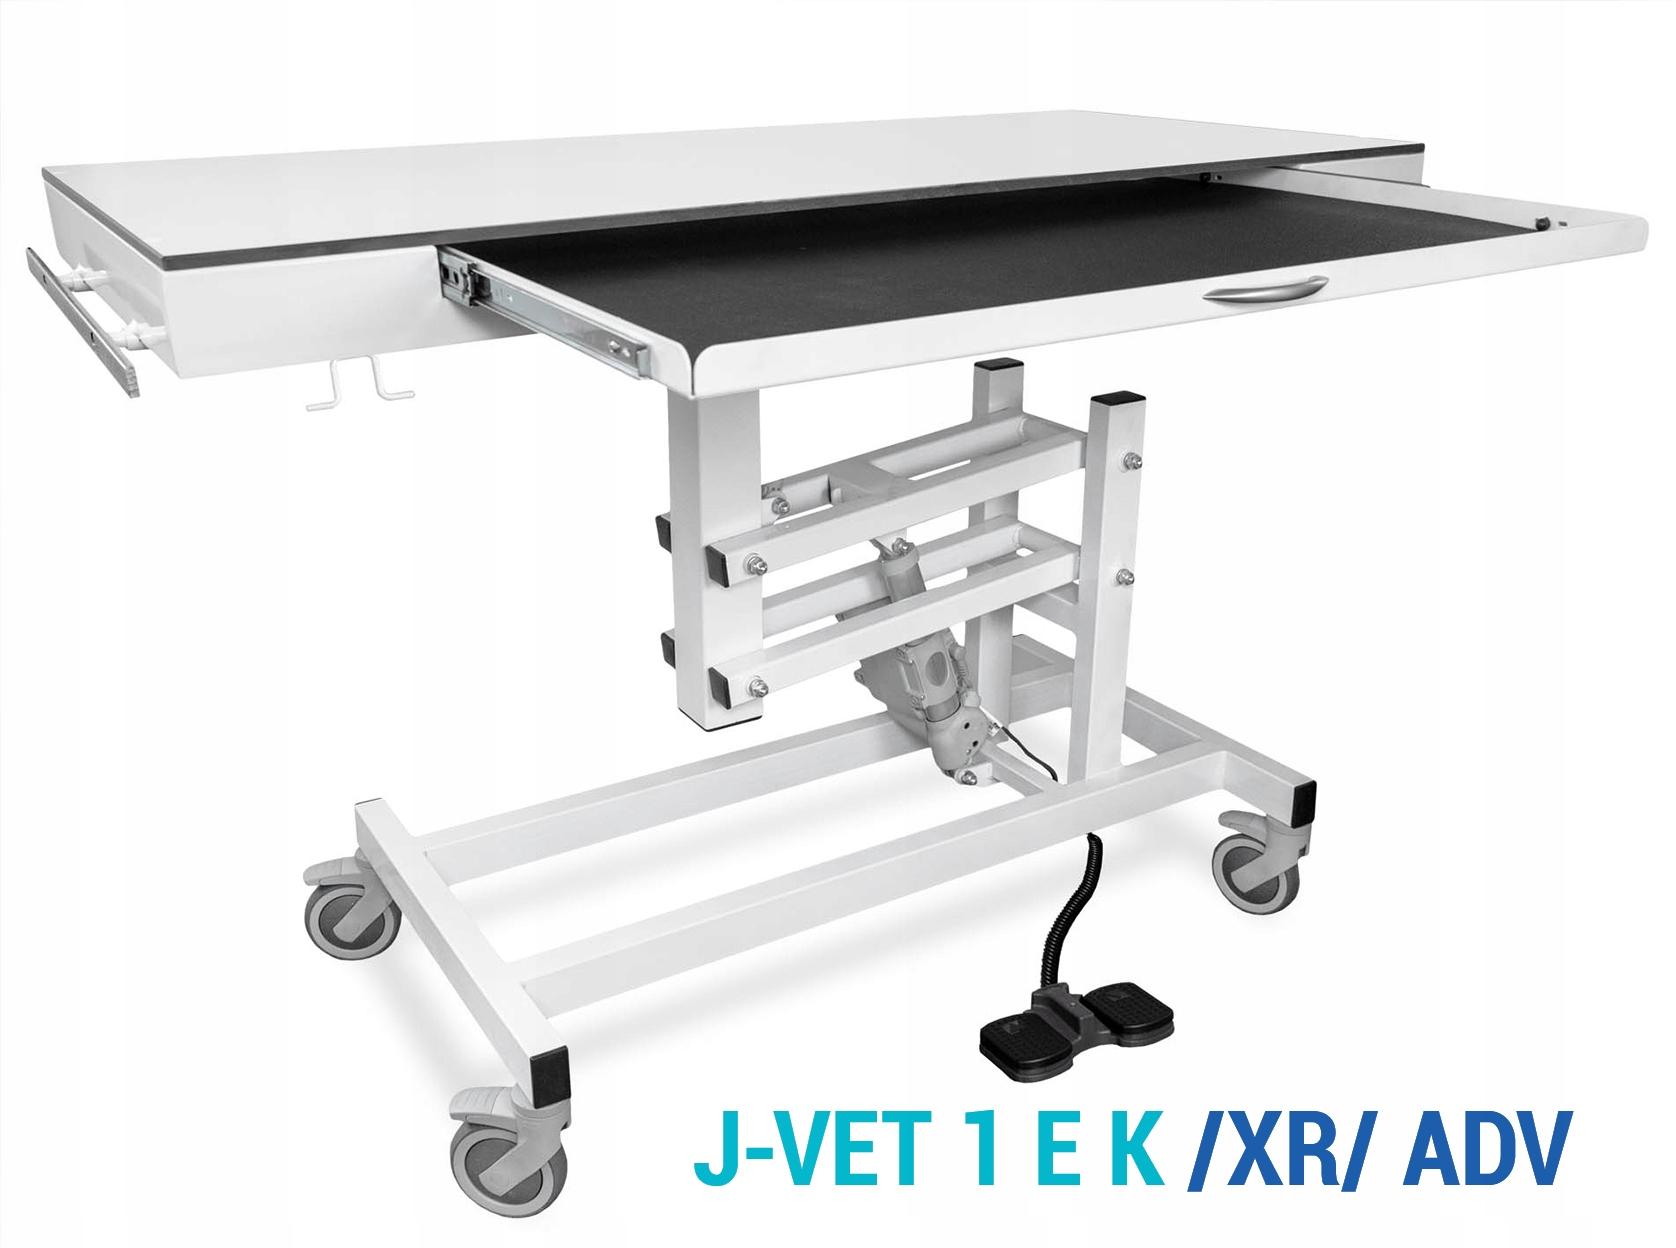 Weterynaryjny Stół RTG J-VET 1 EK /XR/ ADV